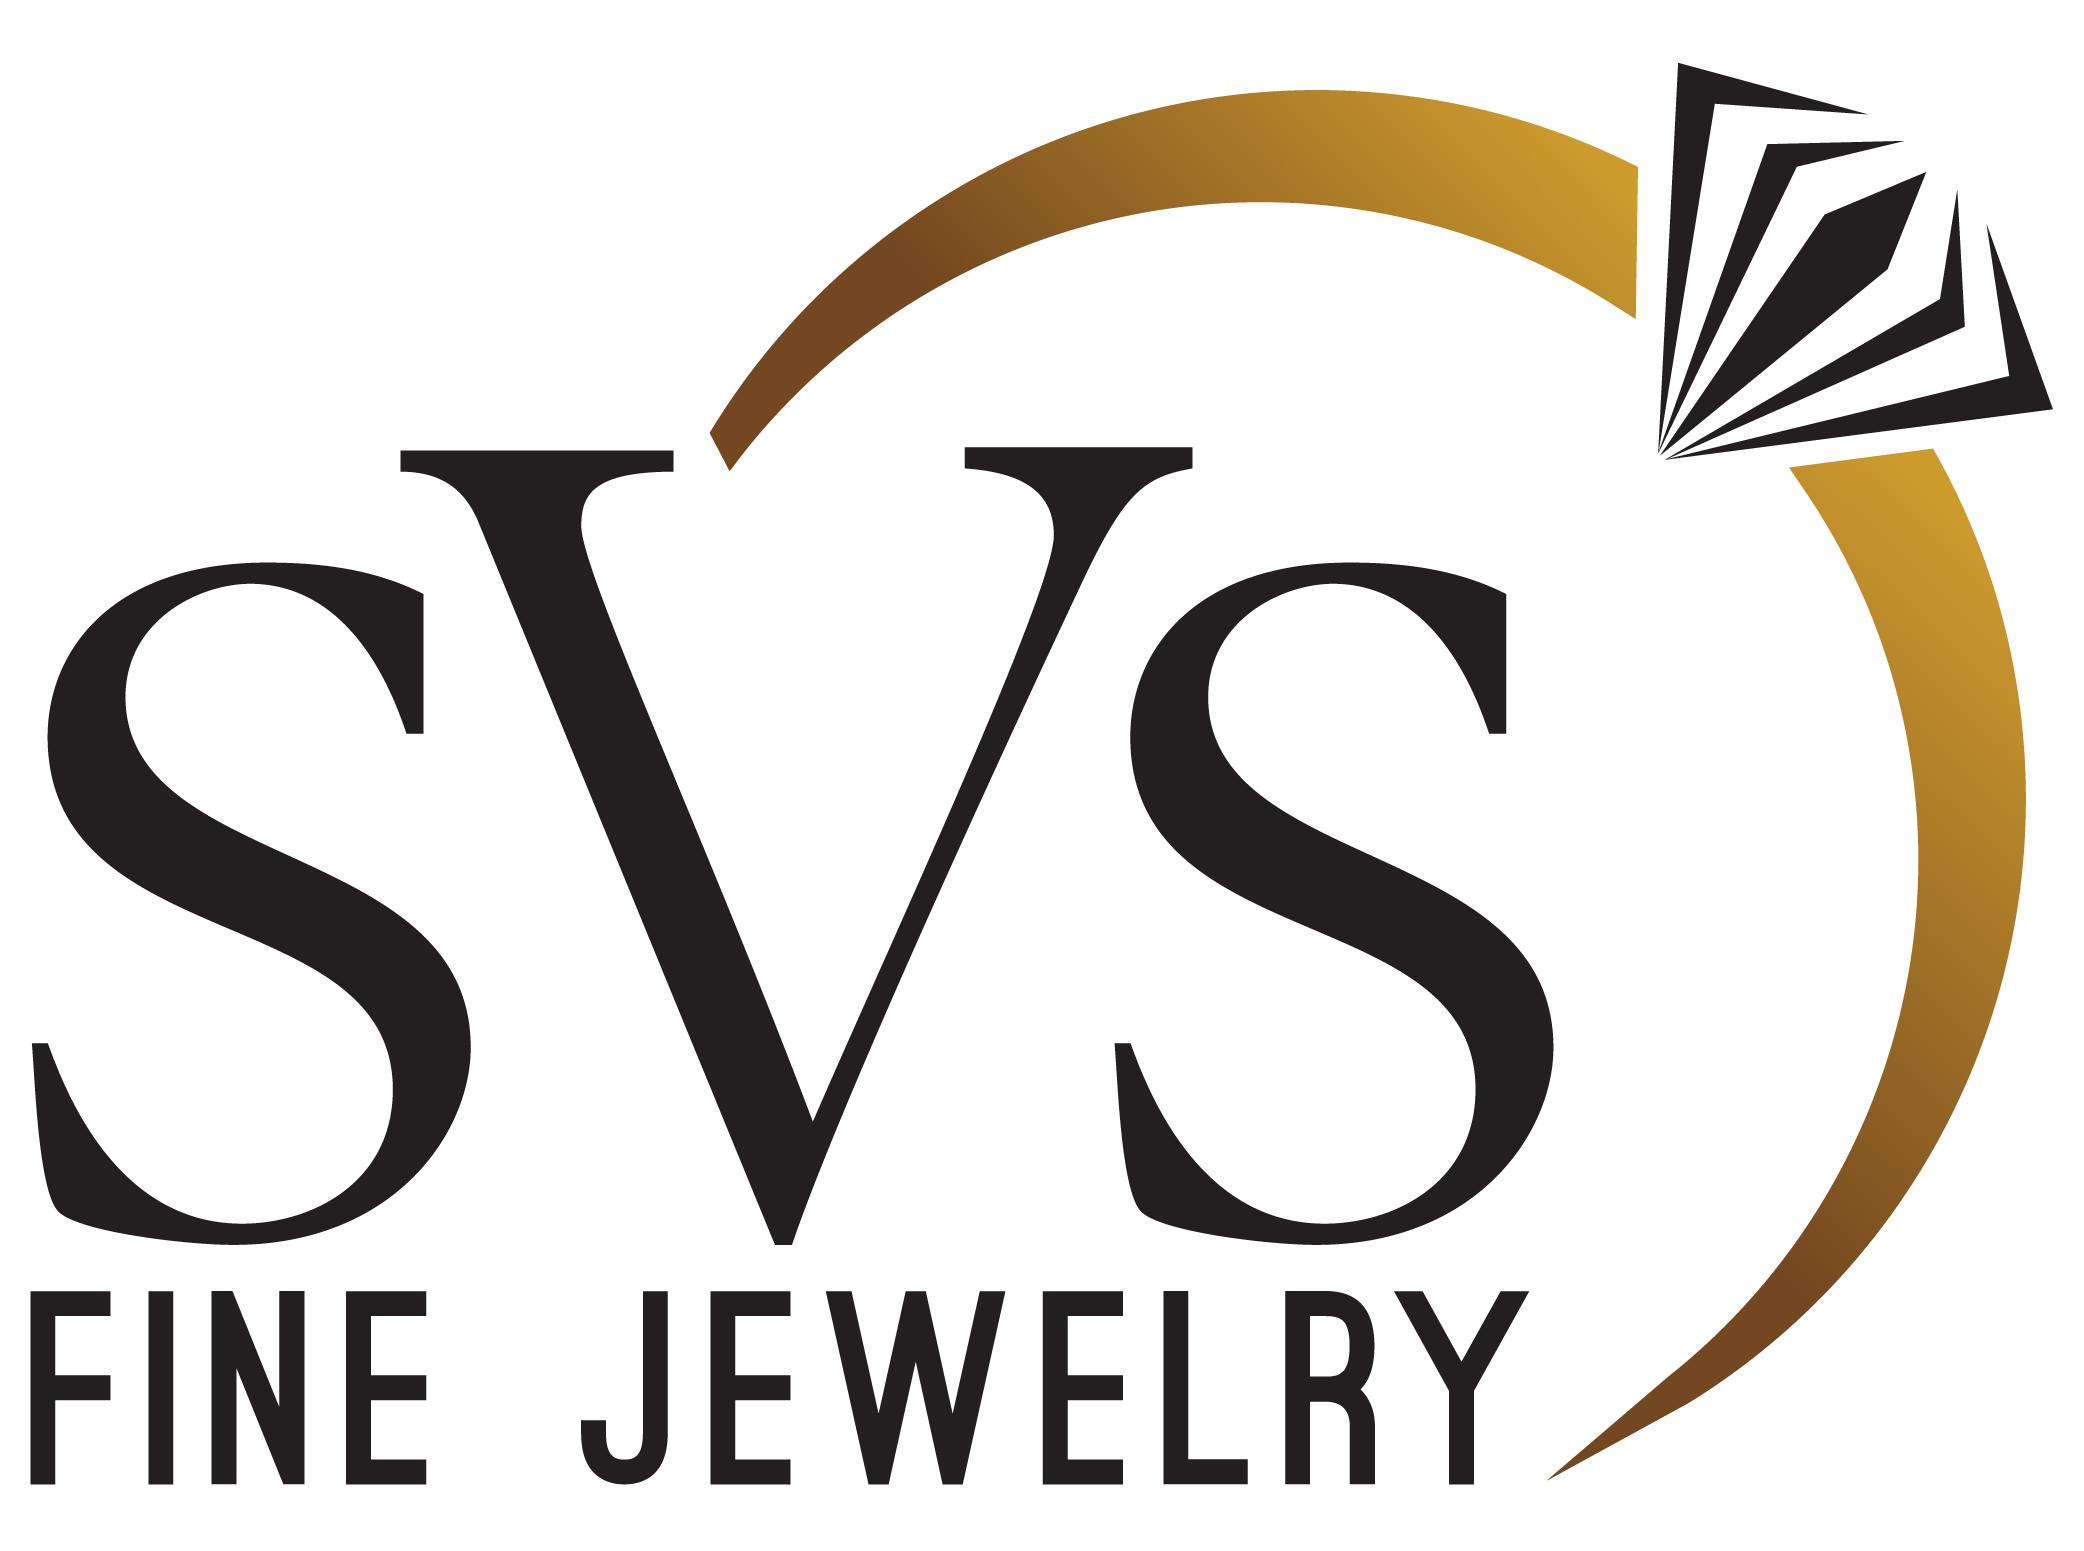 SVS Fine Jewelry-logo-01.jpg